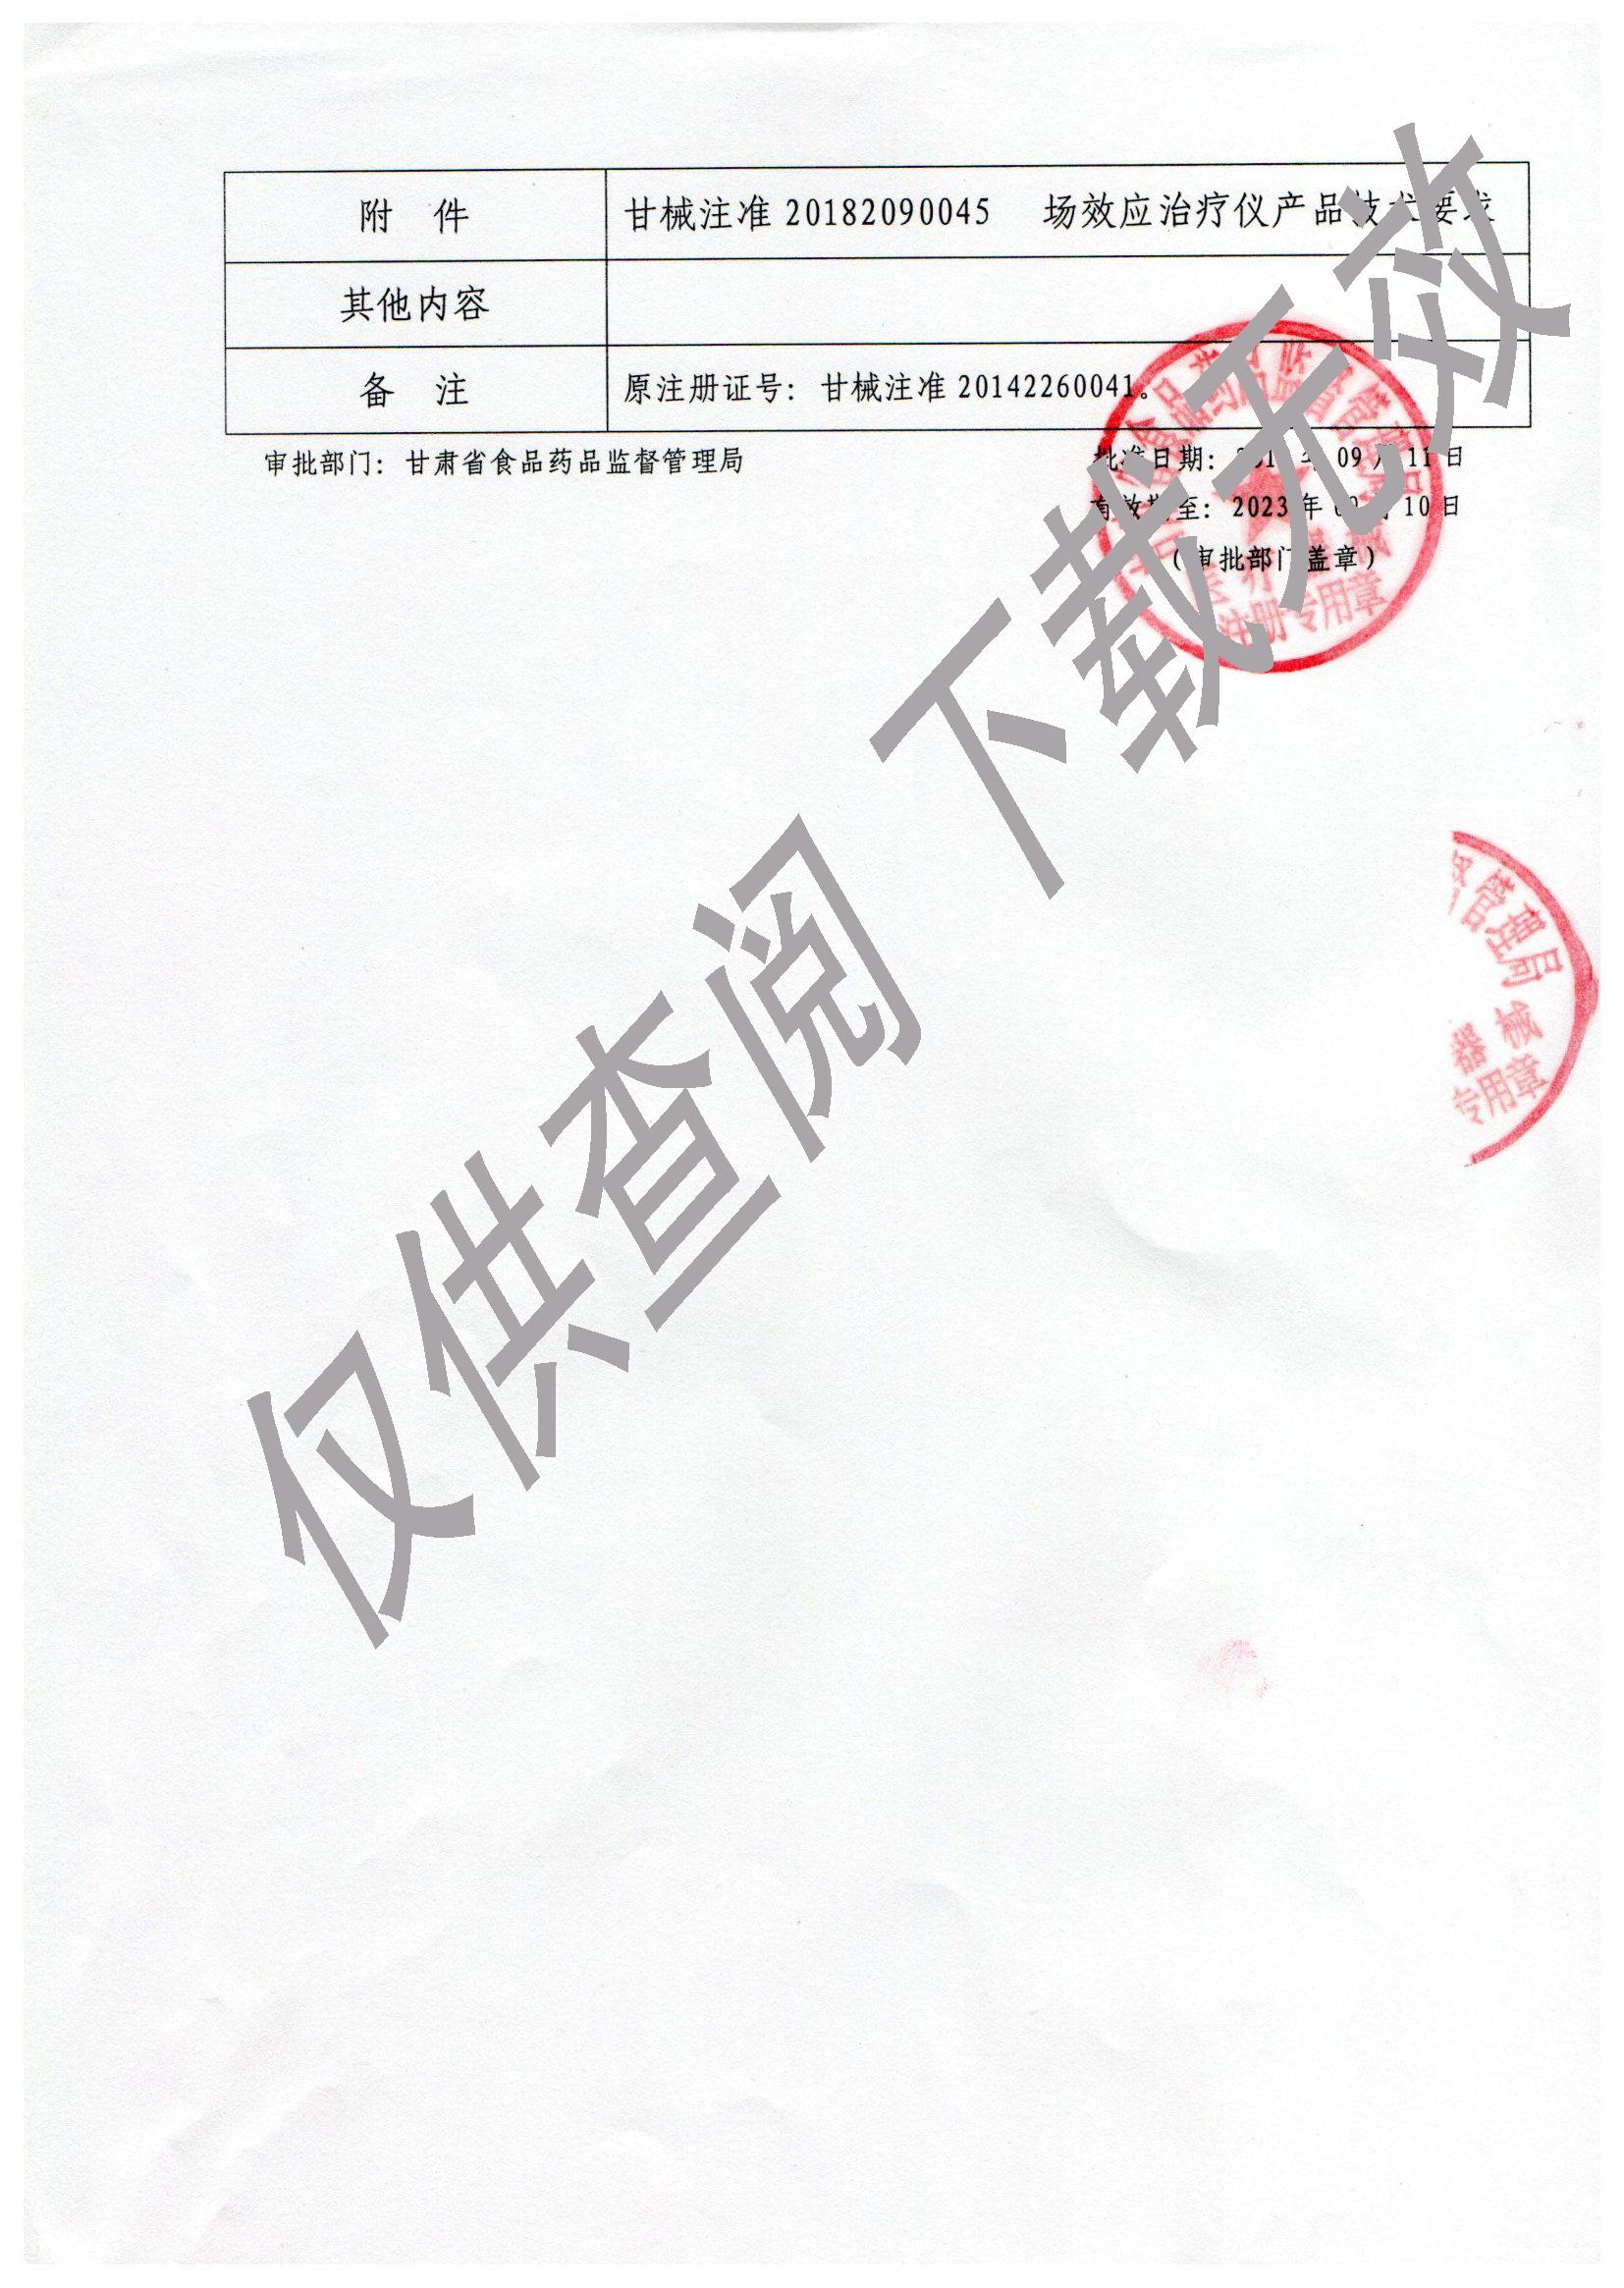 场效应治疗仪注册证2